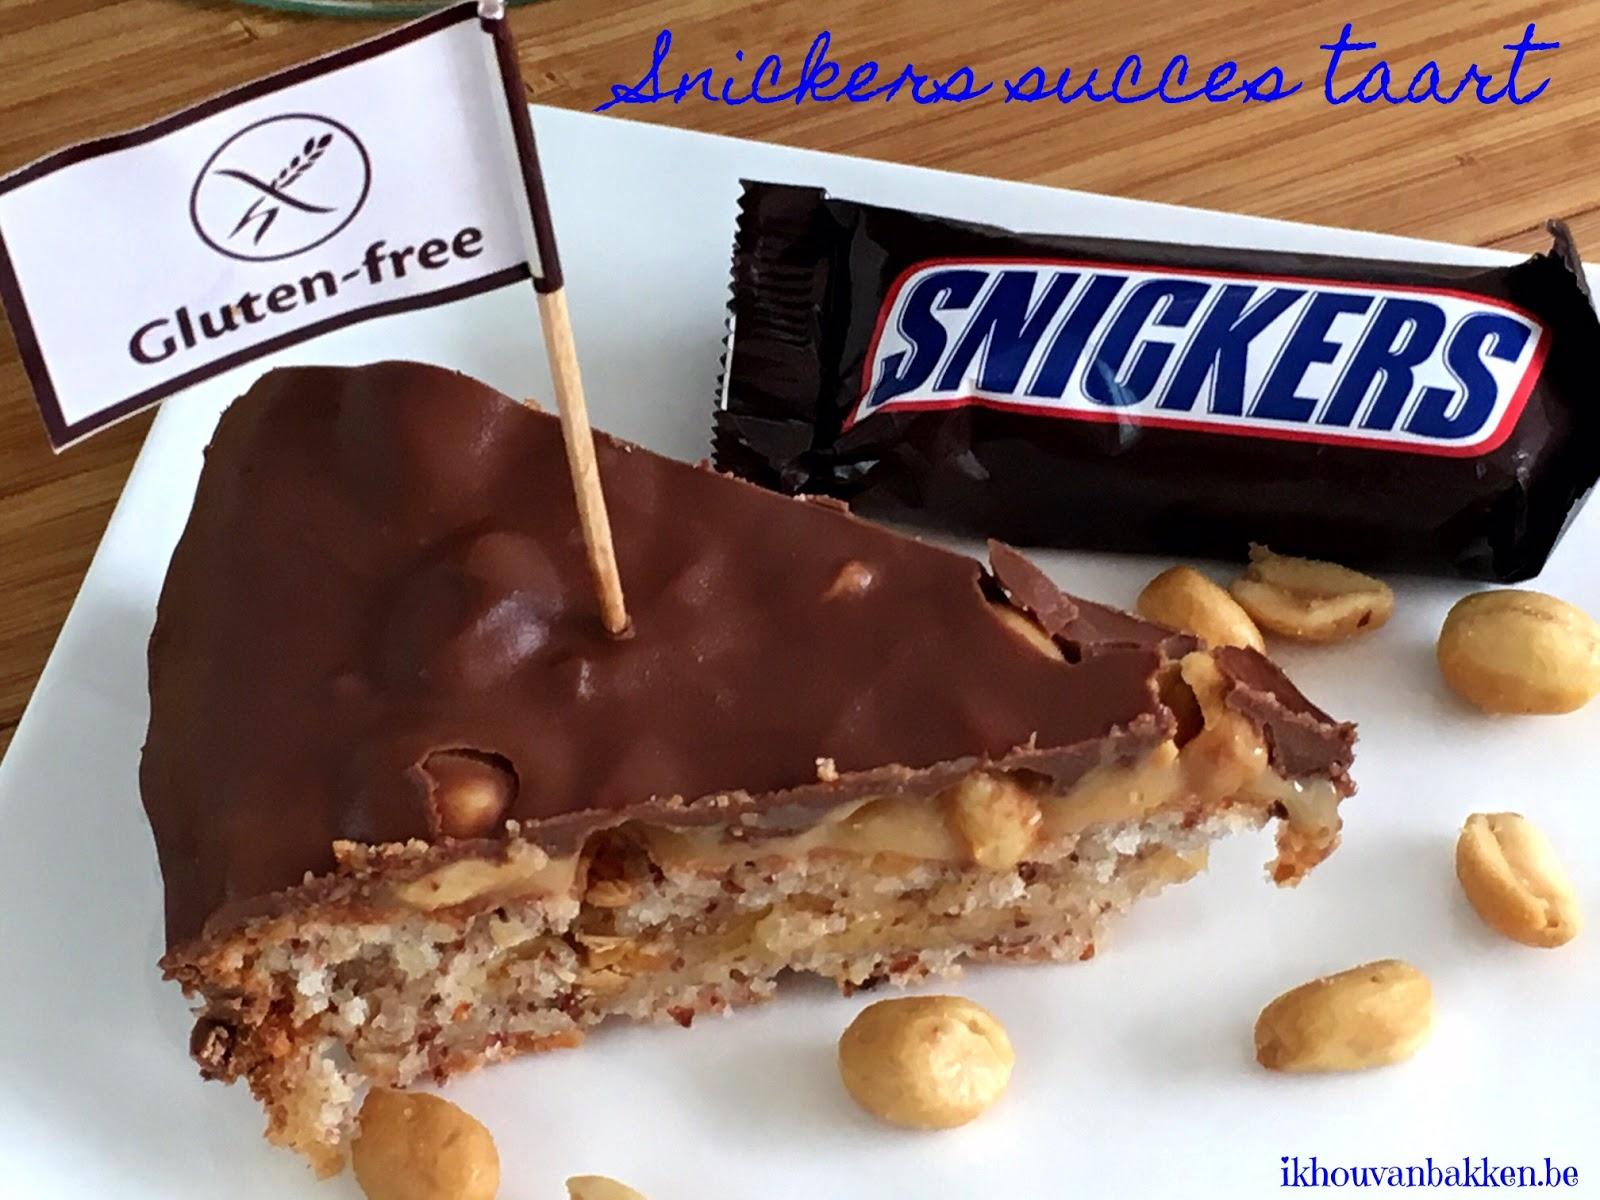 snickers taart Ik hou van bakken: Snickers succes taart (glutenvrij) snickers taart